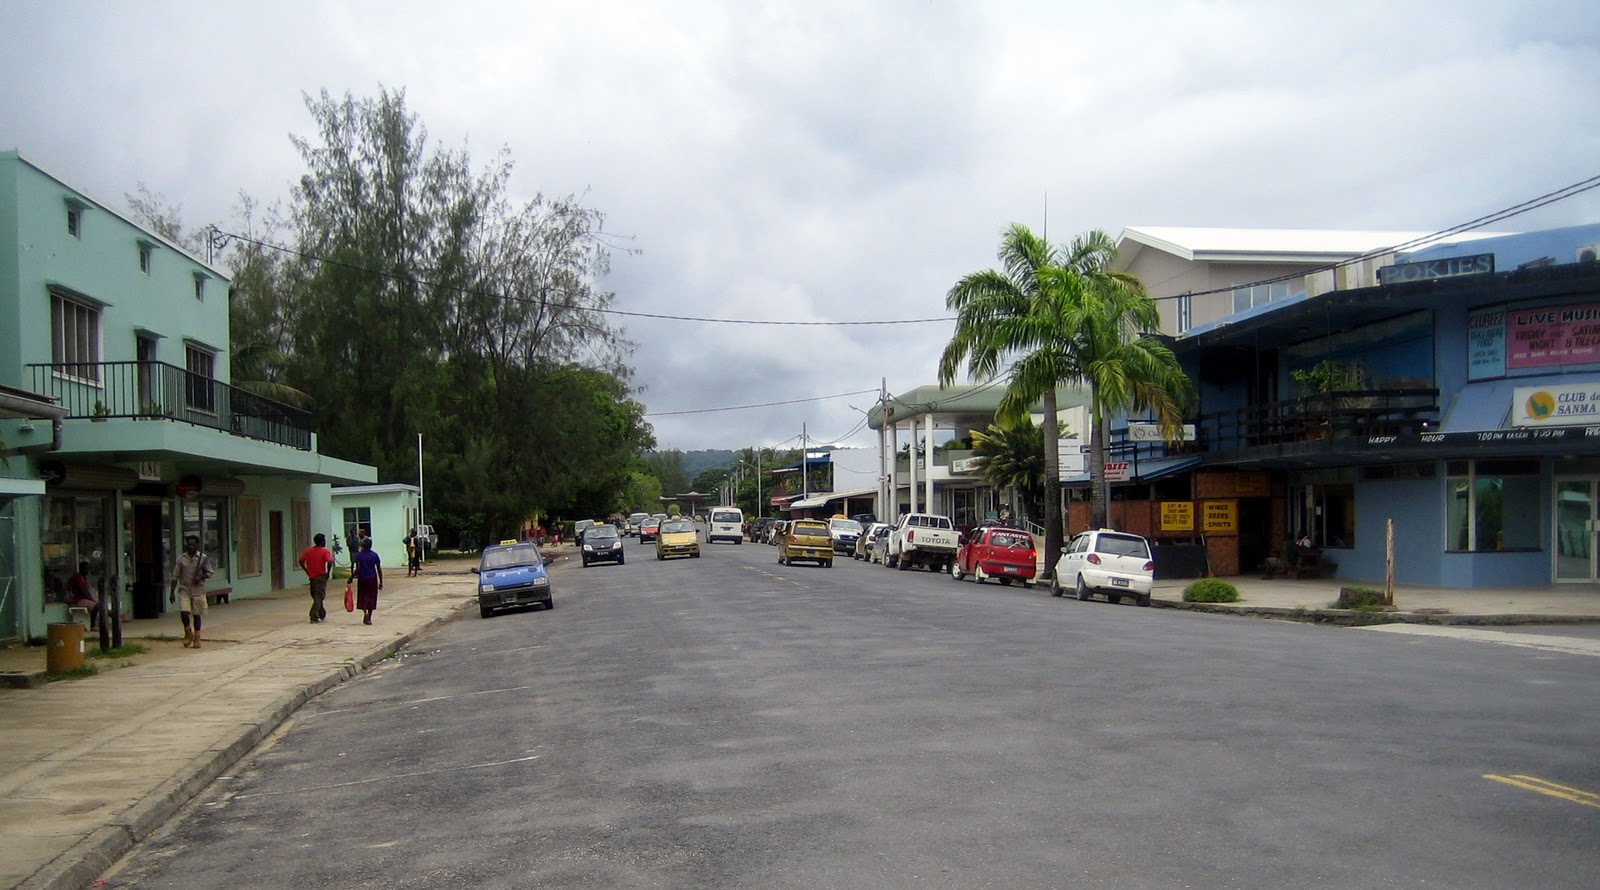 Luganville Vanuatu  city pictures gallery : Vanuatu: Luganville, Espiritu Santo